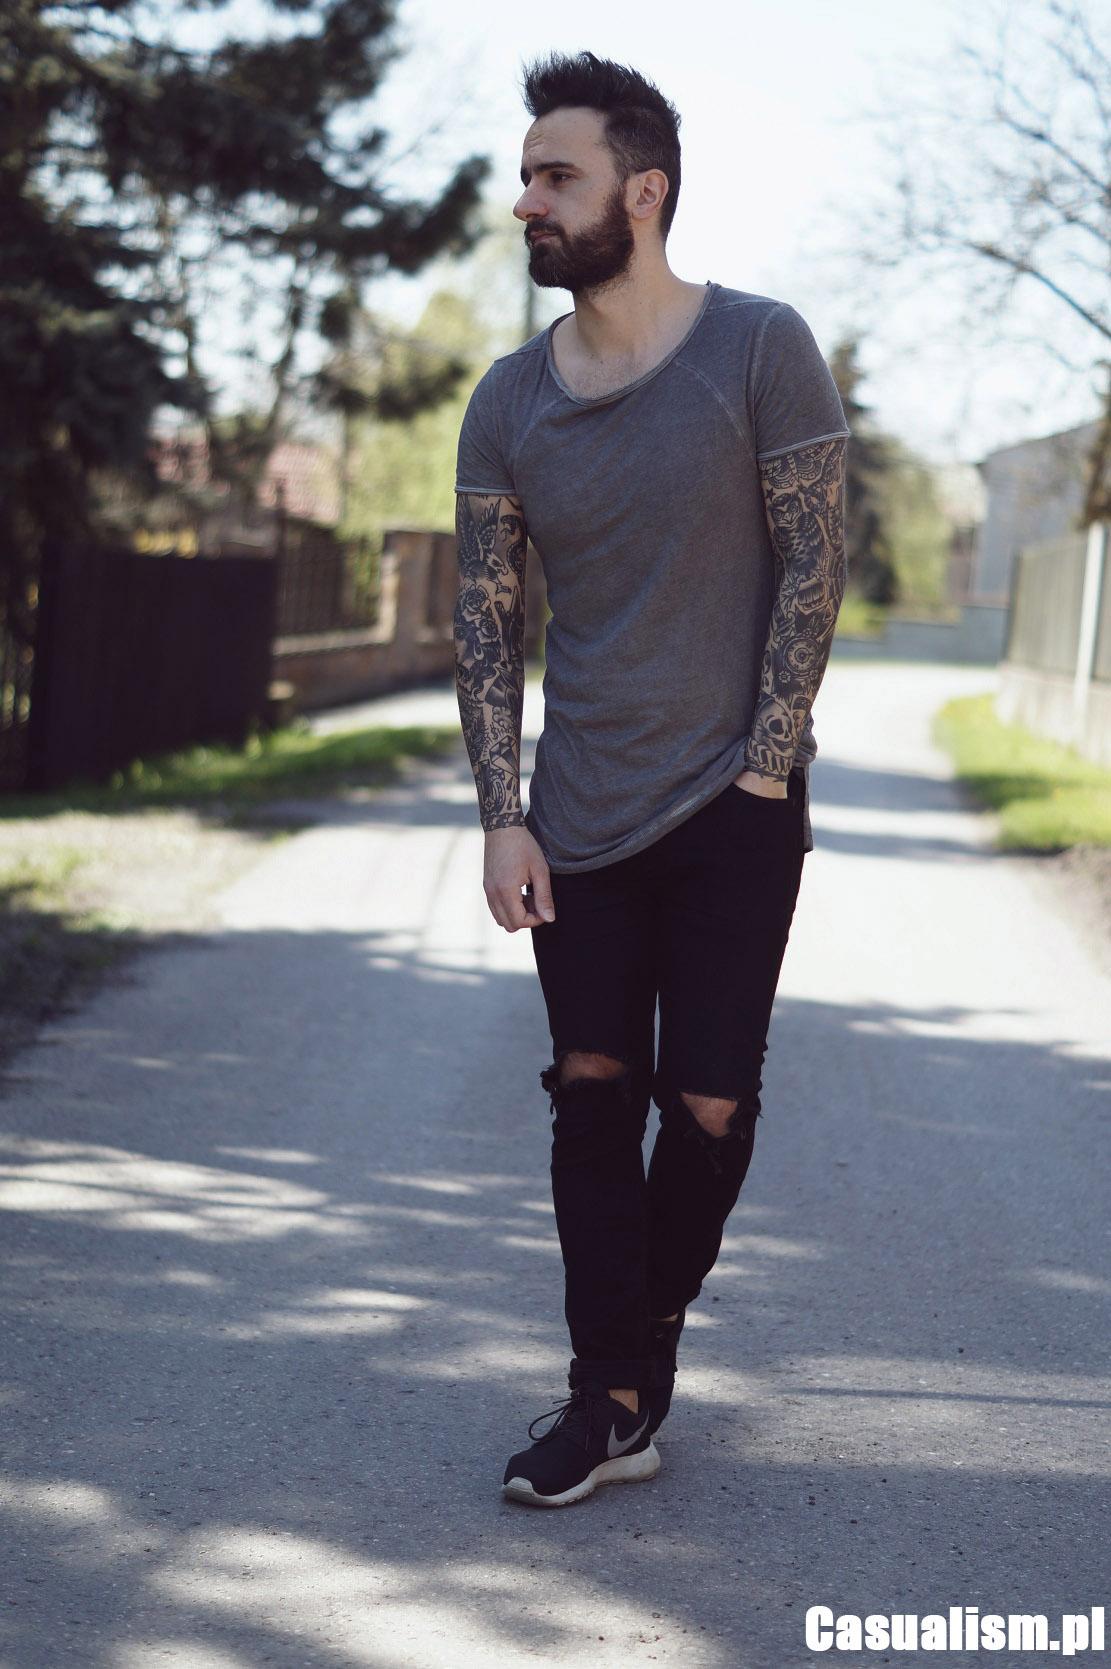 Długa koszulka męska, koszulka streetwear, styl streetwear, inspiracje streetwear męskie, wąskie jeansy z dziurami. Dziury w jeansach, buty Nike Roshe czarne, czarne Roshe.